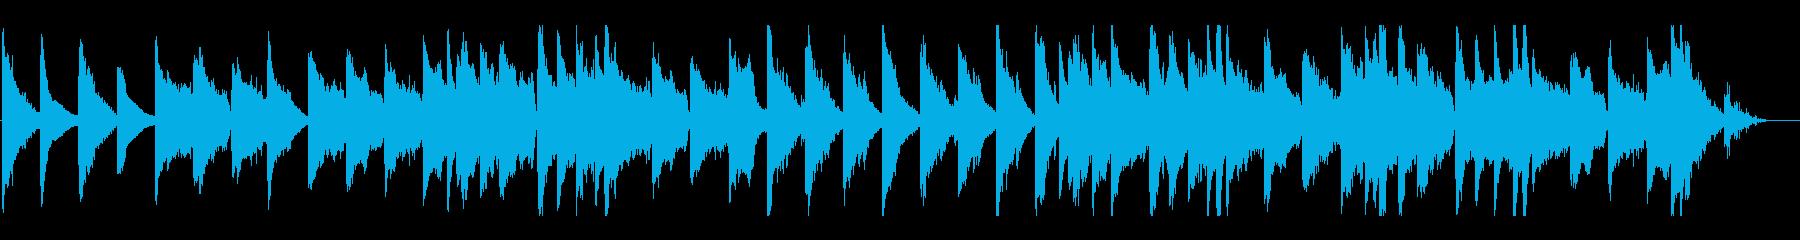 ゆったりとしたチェロのヒーリングBGMの再生済みの波形